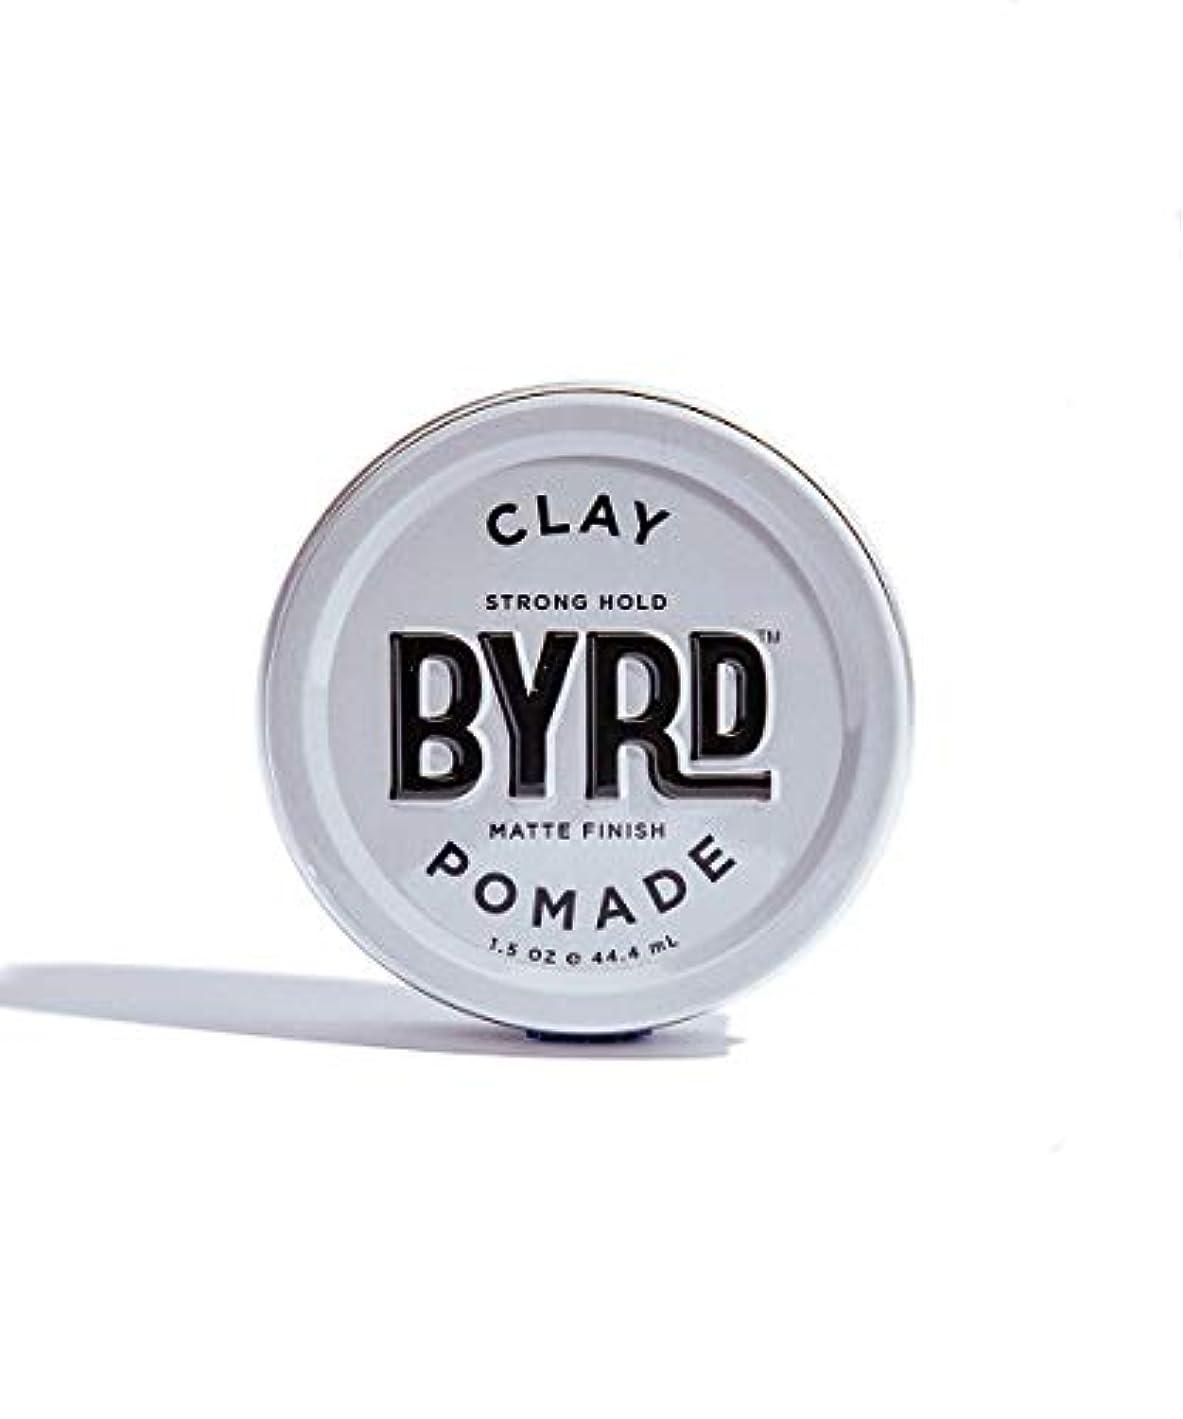 哺乳類補償売るBYRD/クレイポマード 42g メンズコスメ ワックス ヘアスタイリング かっこいい モテ髪